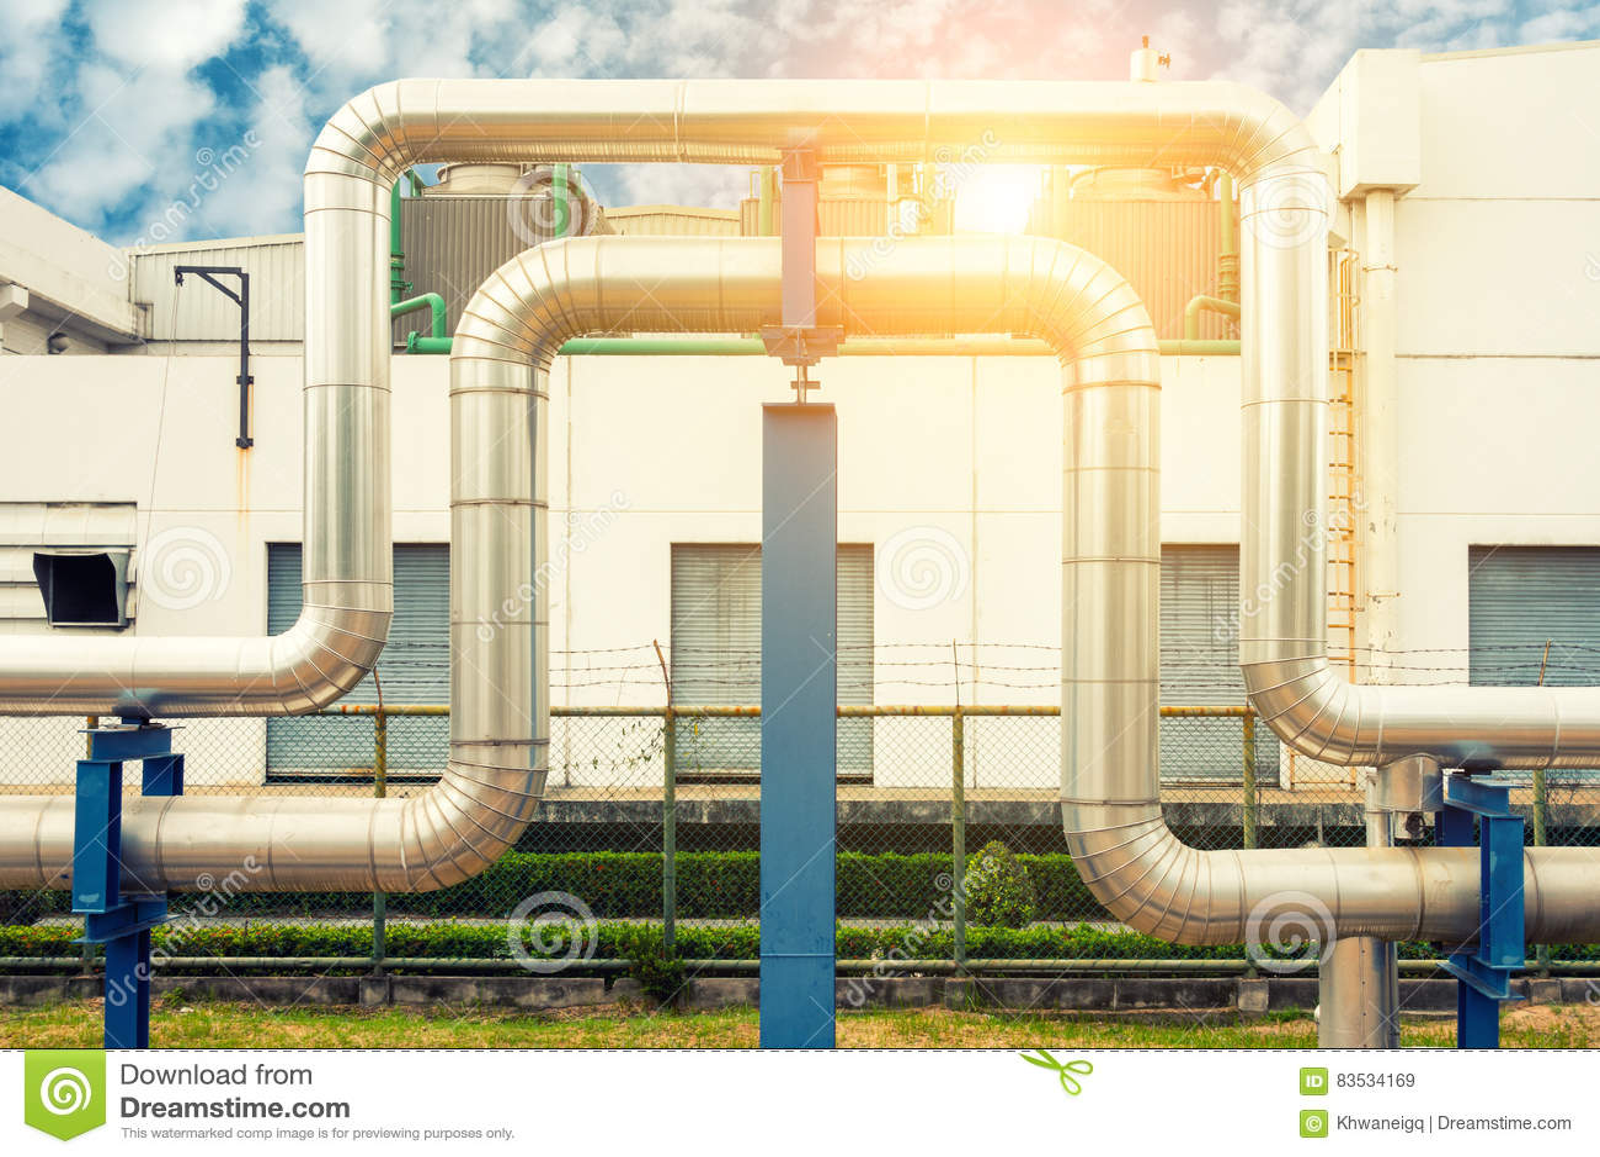 Dê laços no encanamento do vapor no fundo e na luz do sol da torre refrigerando , Tubulação da isolação